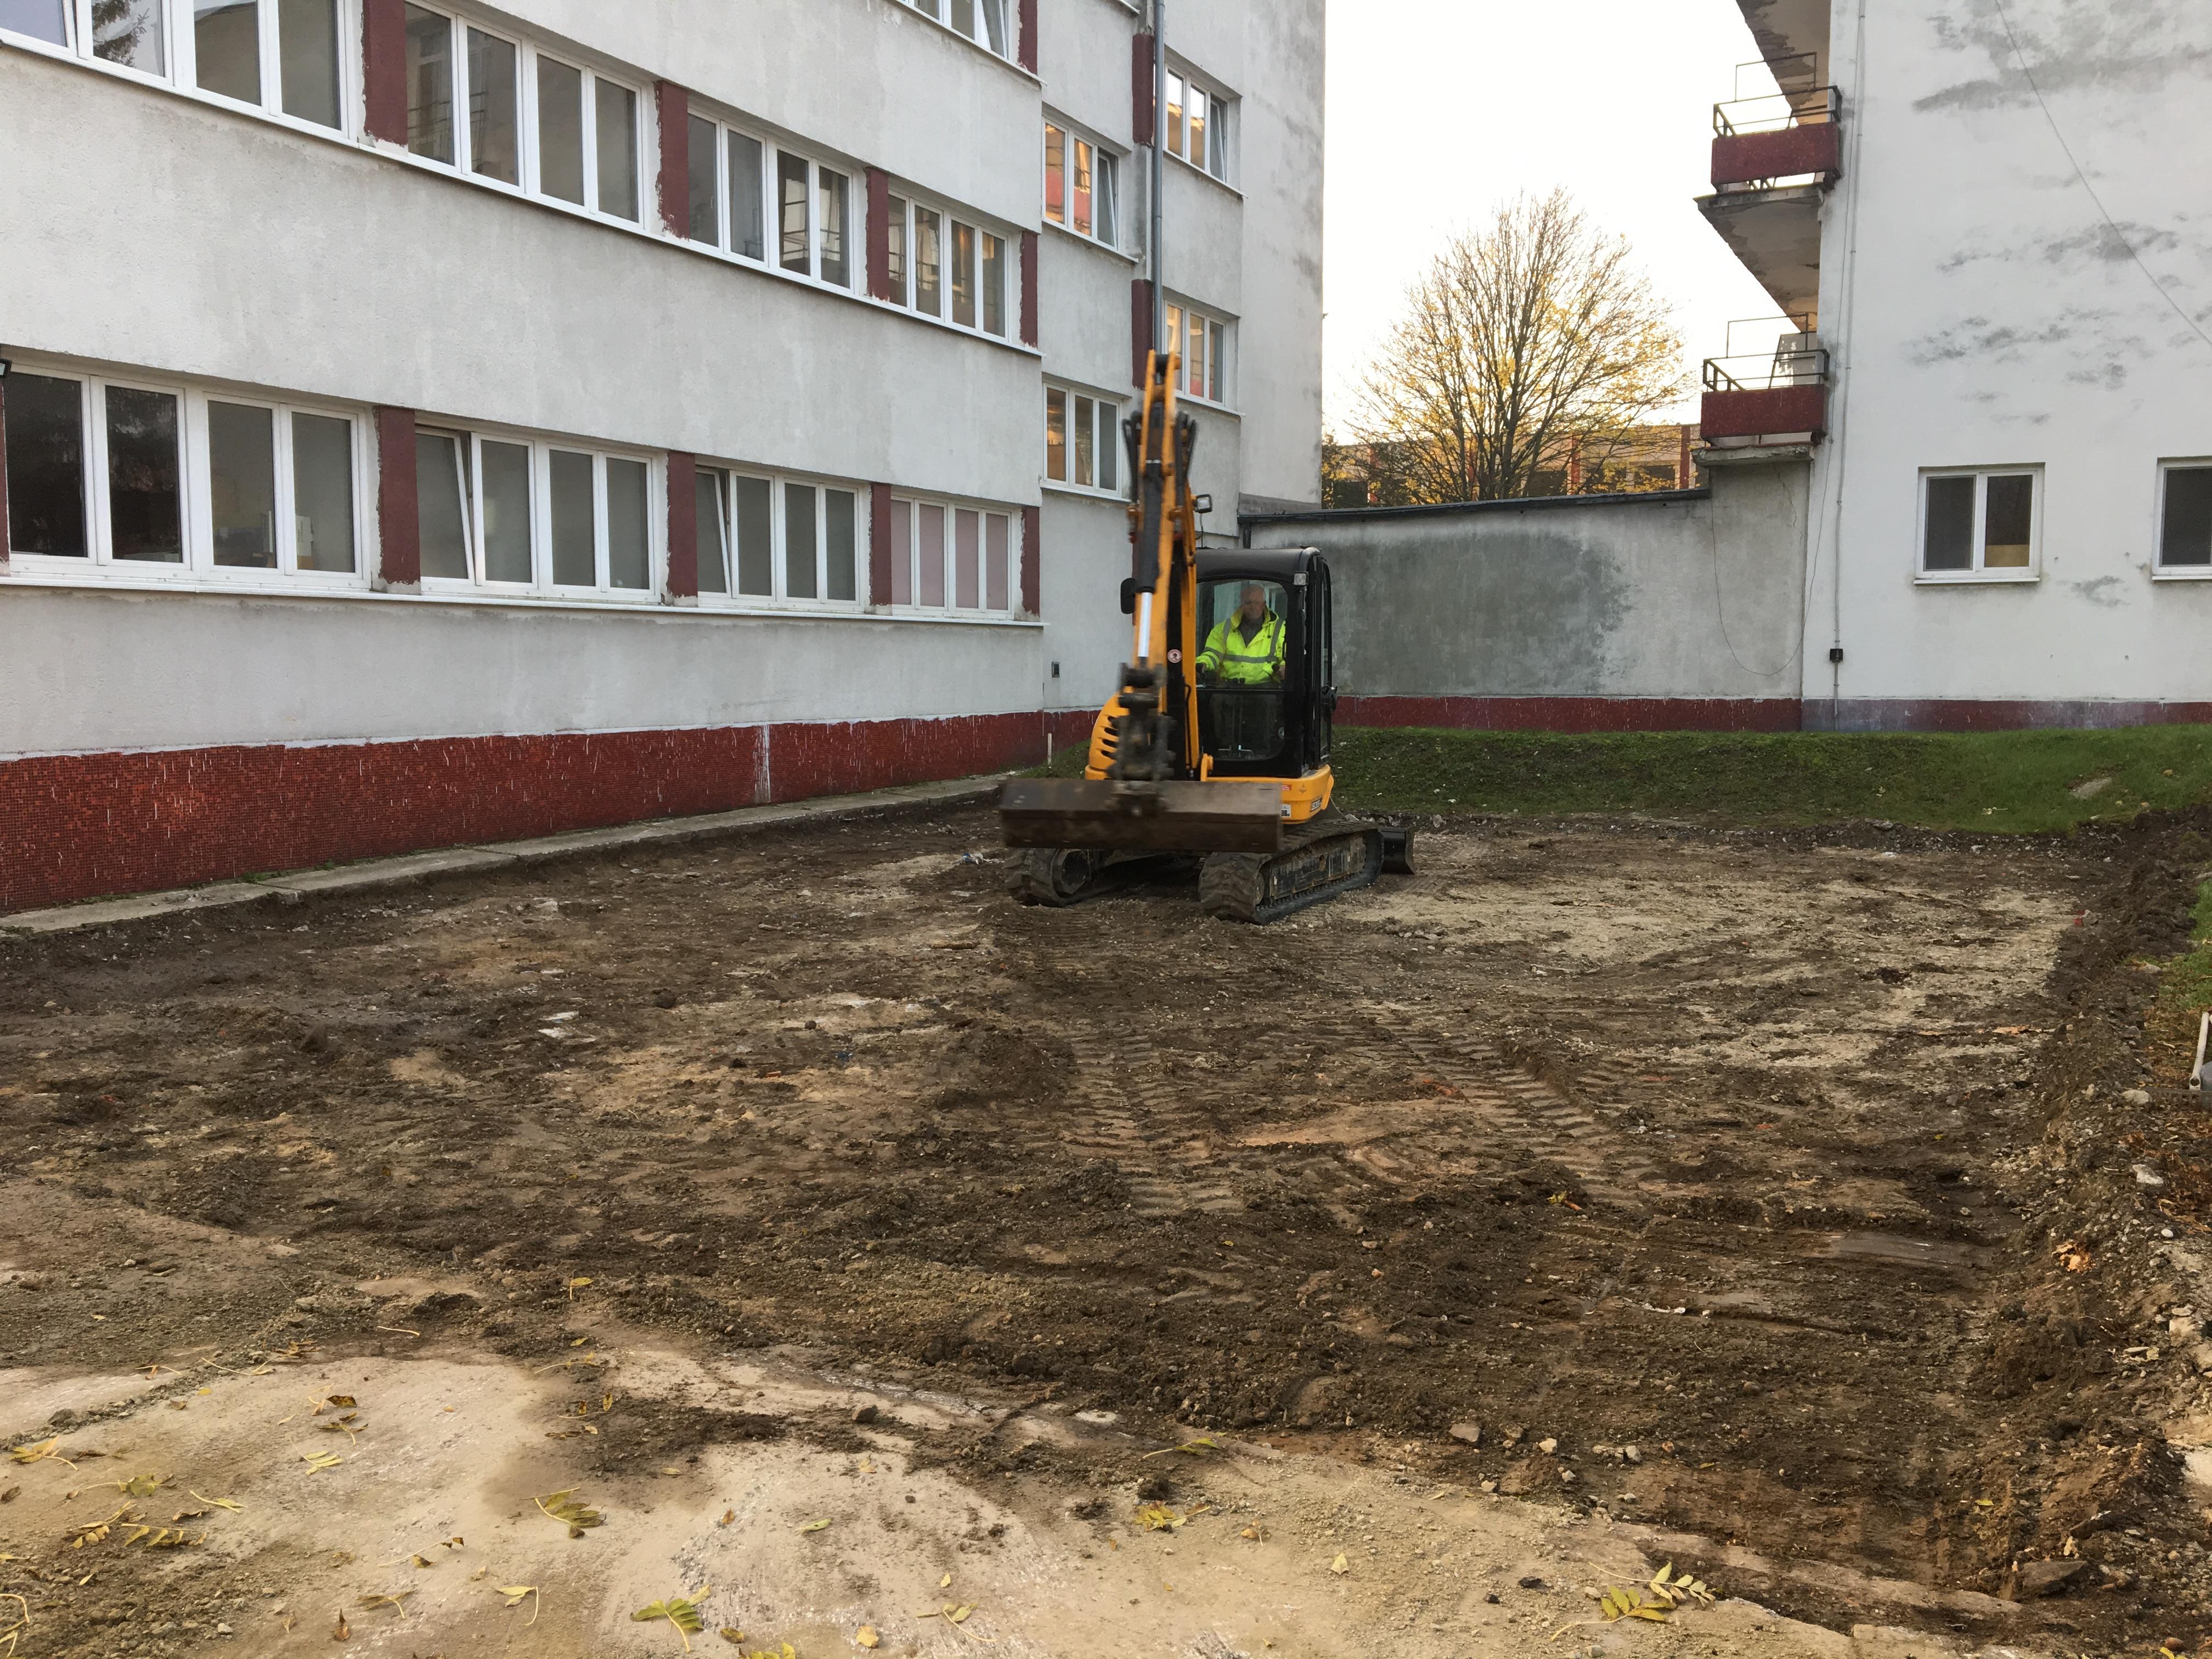 Odobratie ornice v Bratislave